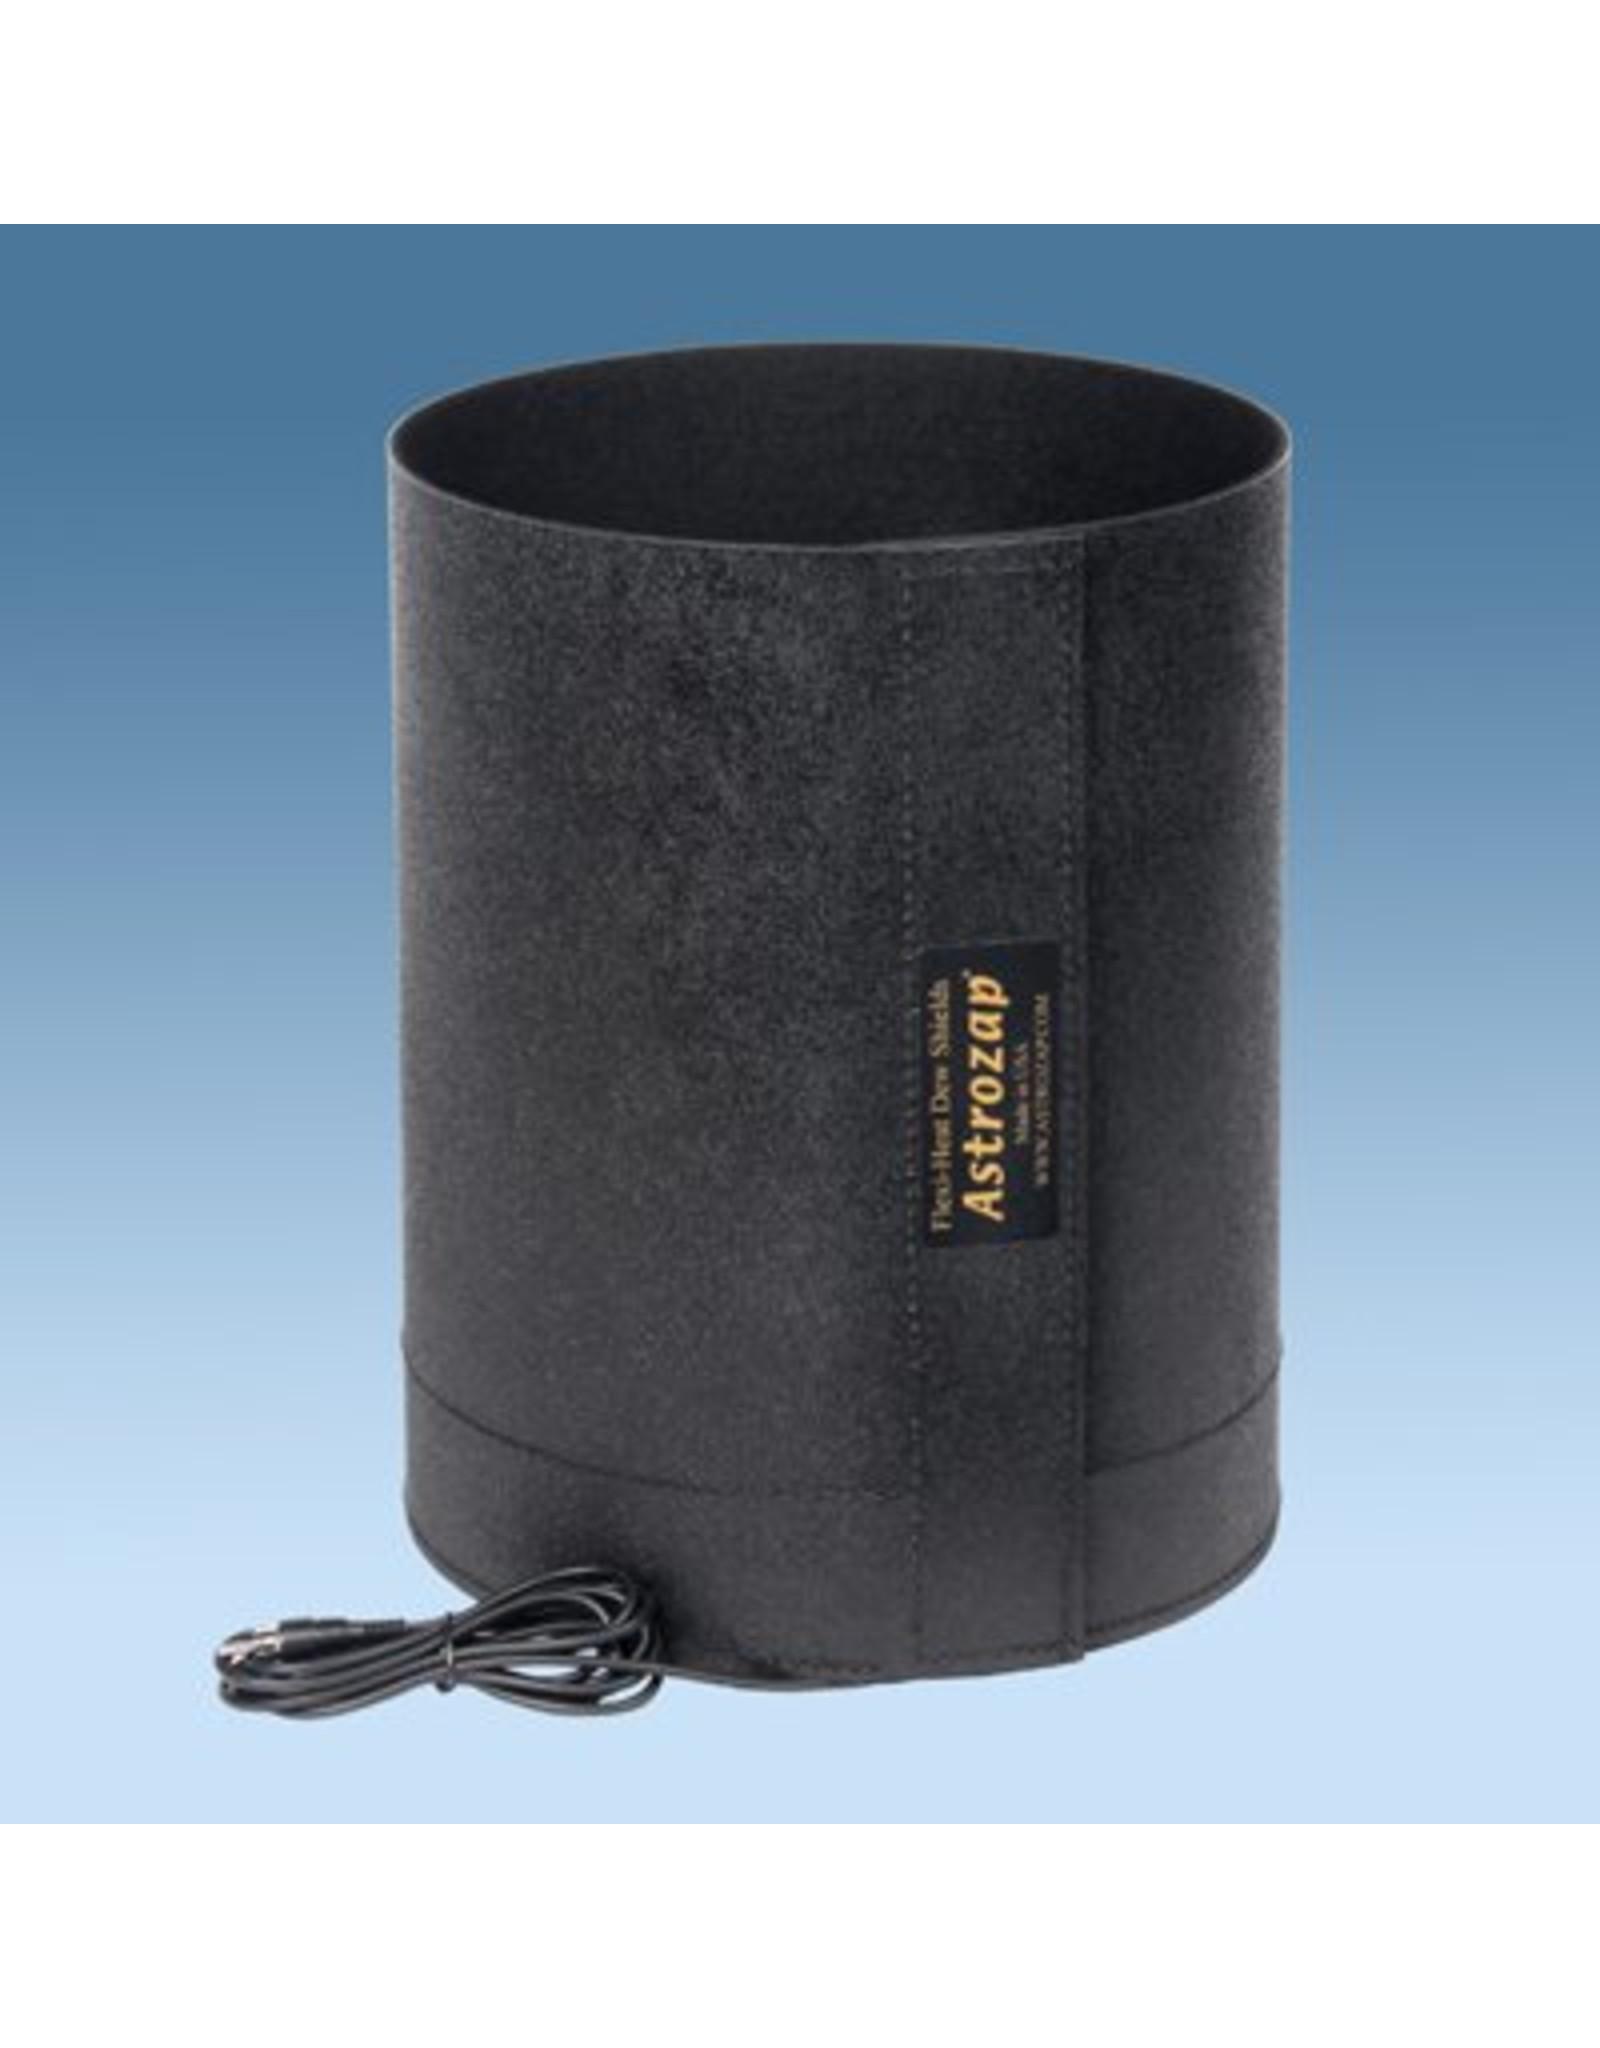 Astrozap AZ-811 Flexi-Heat Meade 10 Sct Dew Shield